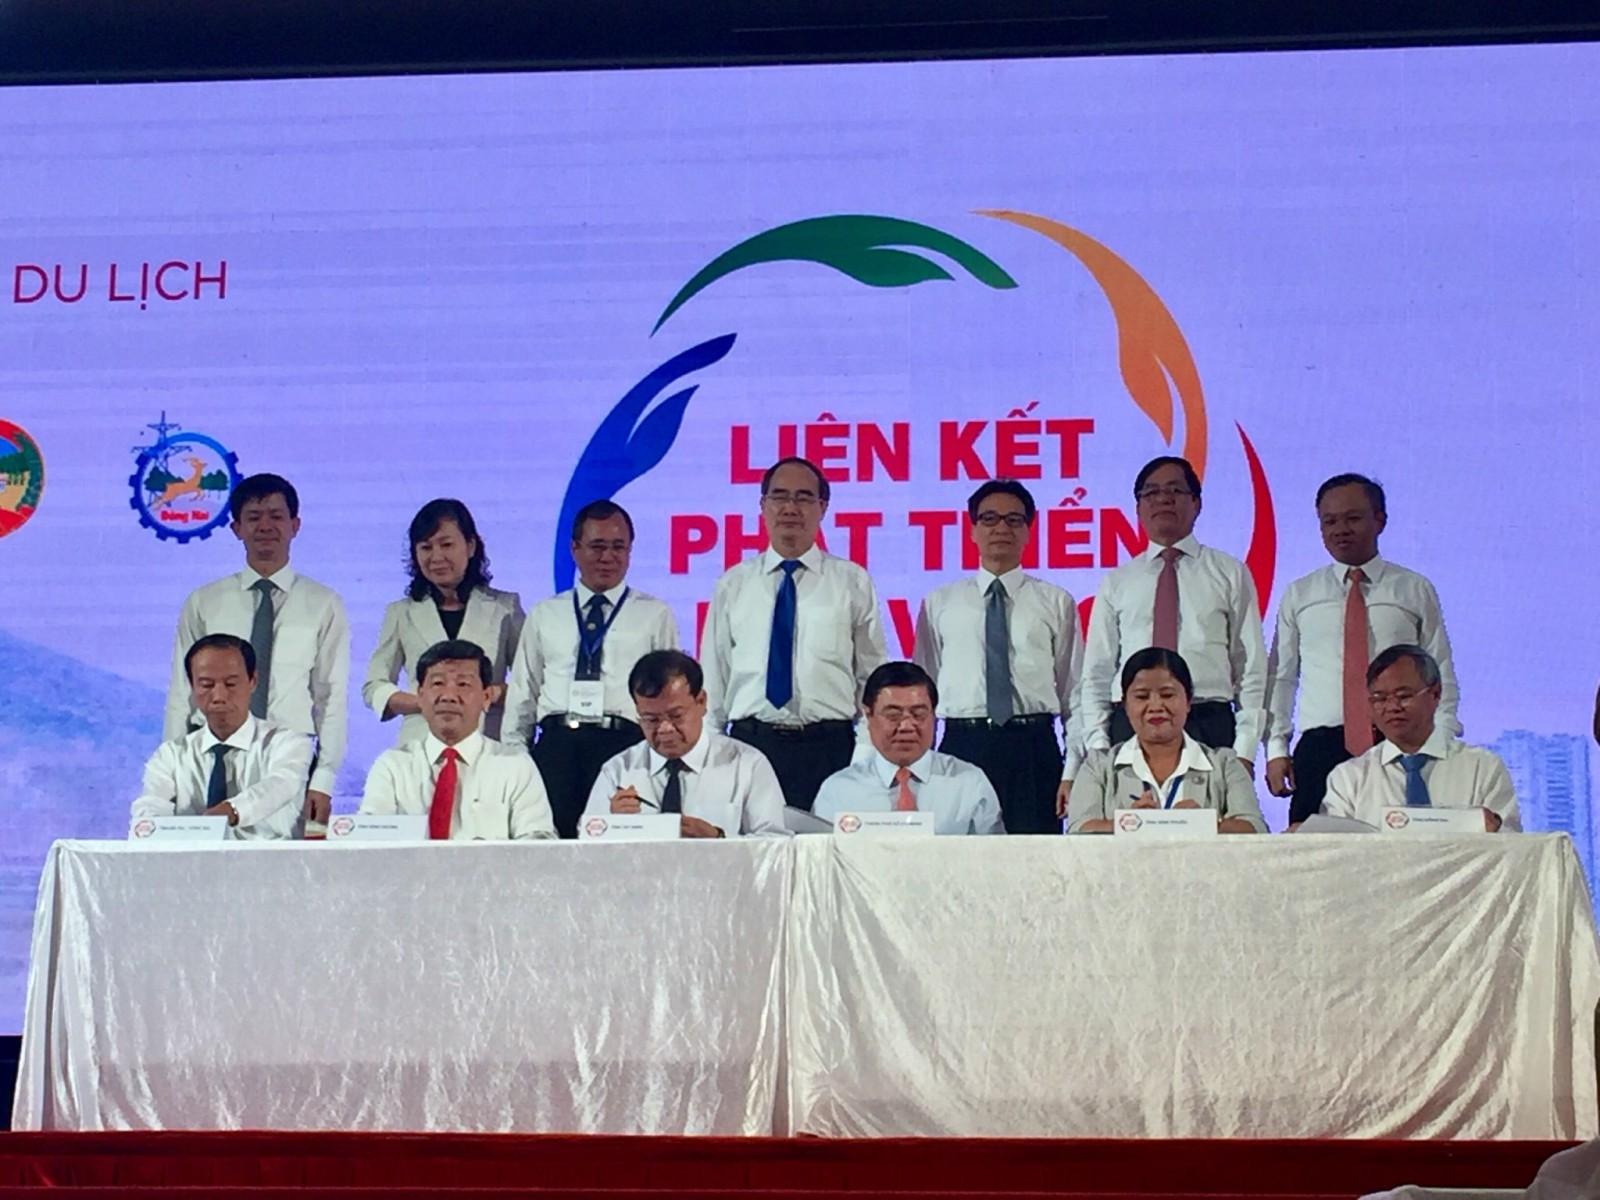 Lãnh đạo 6 tỉnh, thành ký kết thỏa thuận liên kết phát triển du lịch vùng Đông Nam bộ giai đoạn 2020 - 2025